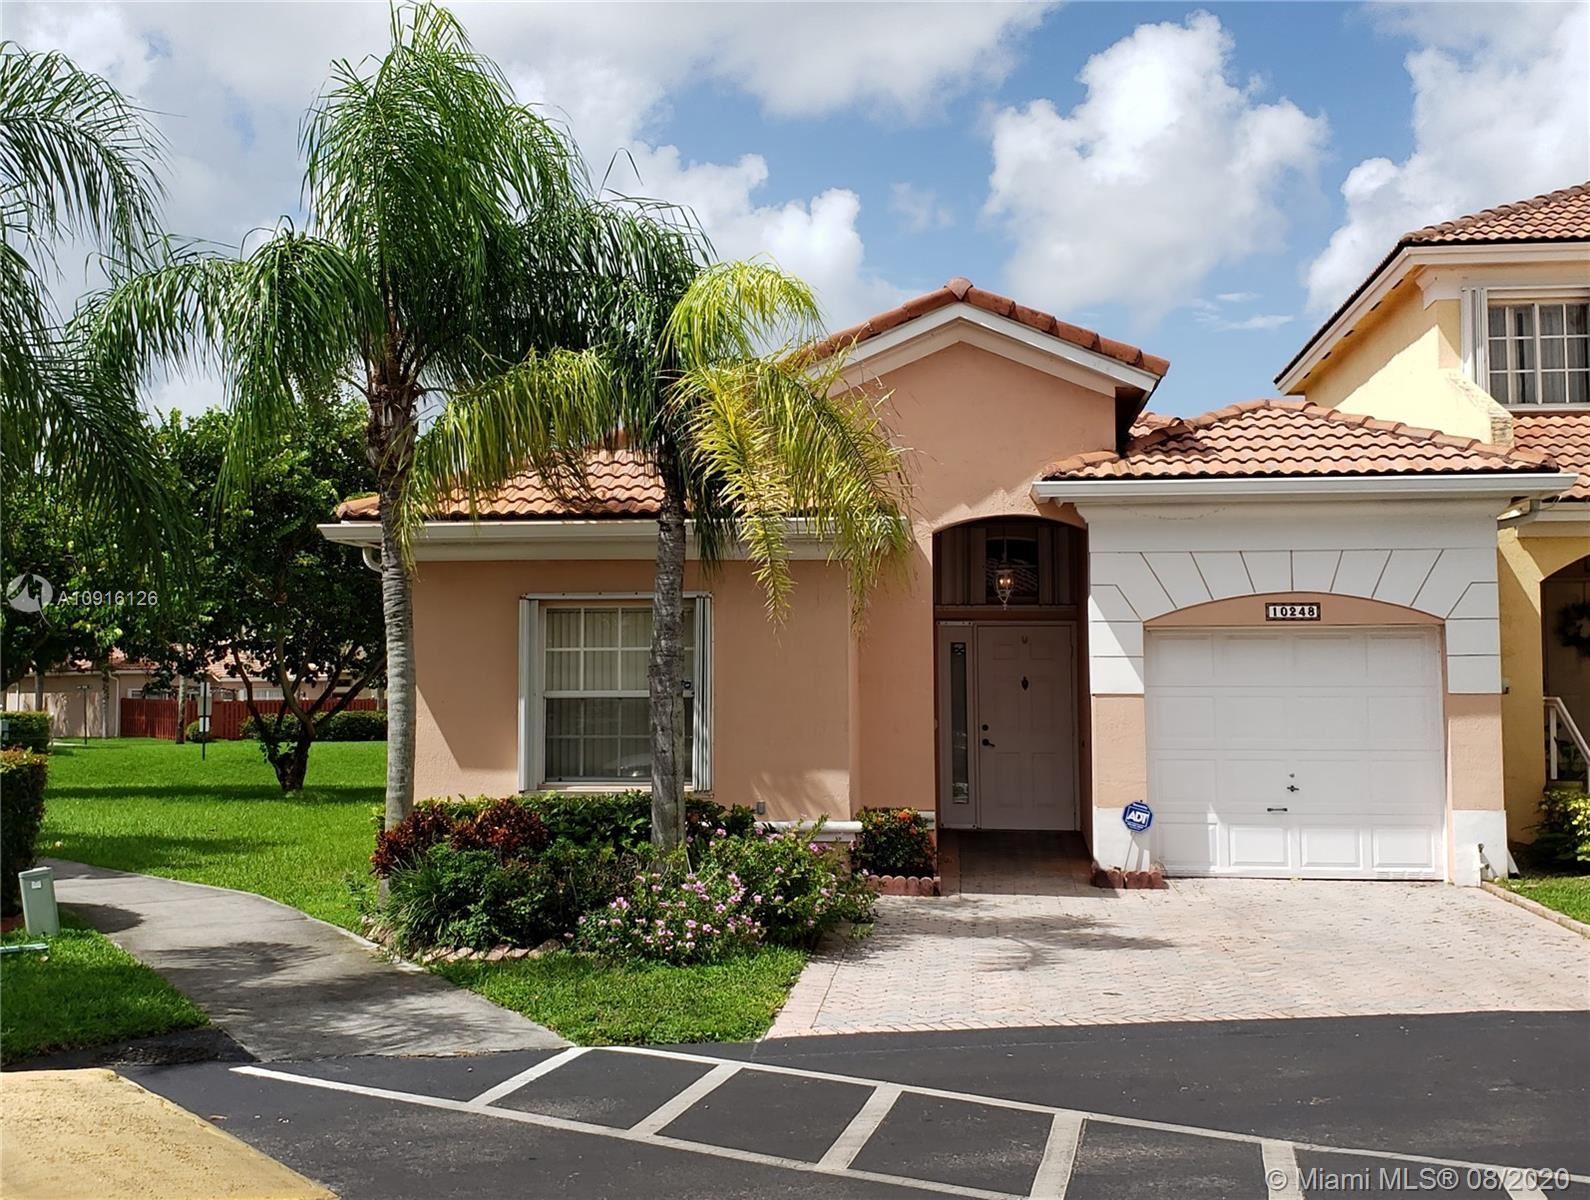 10248 SW 162nd Pl, Miami, FL 33196 - #: A10916126